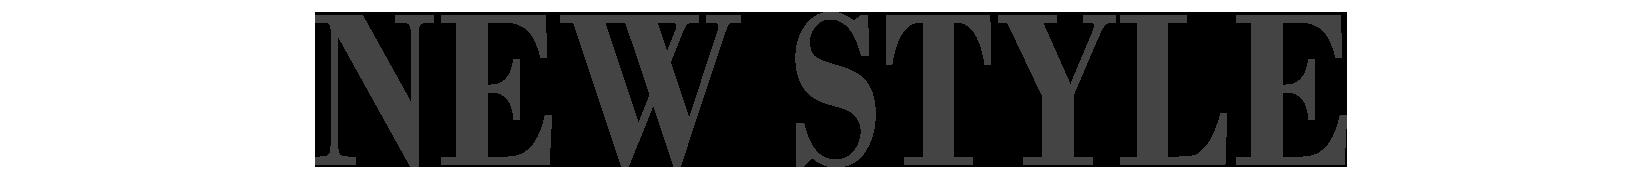 NEW STYLE ニュースタイル